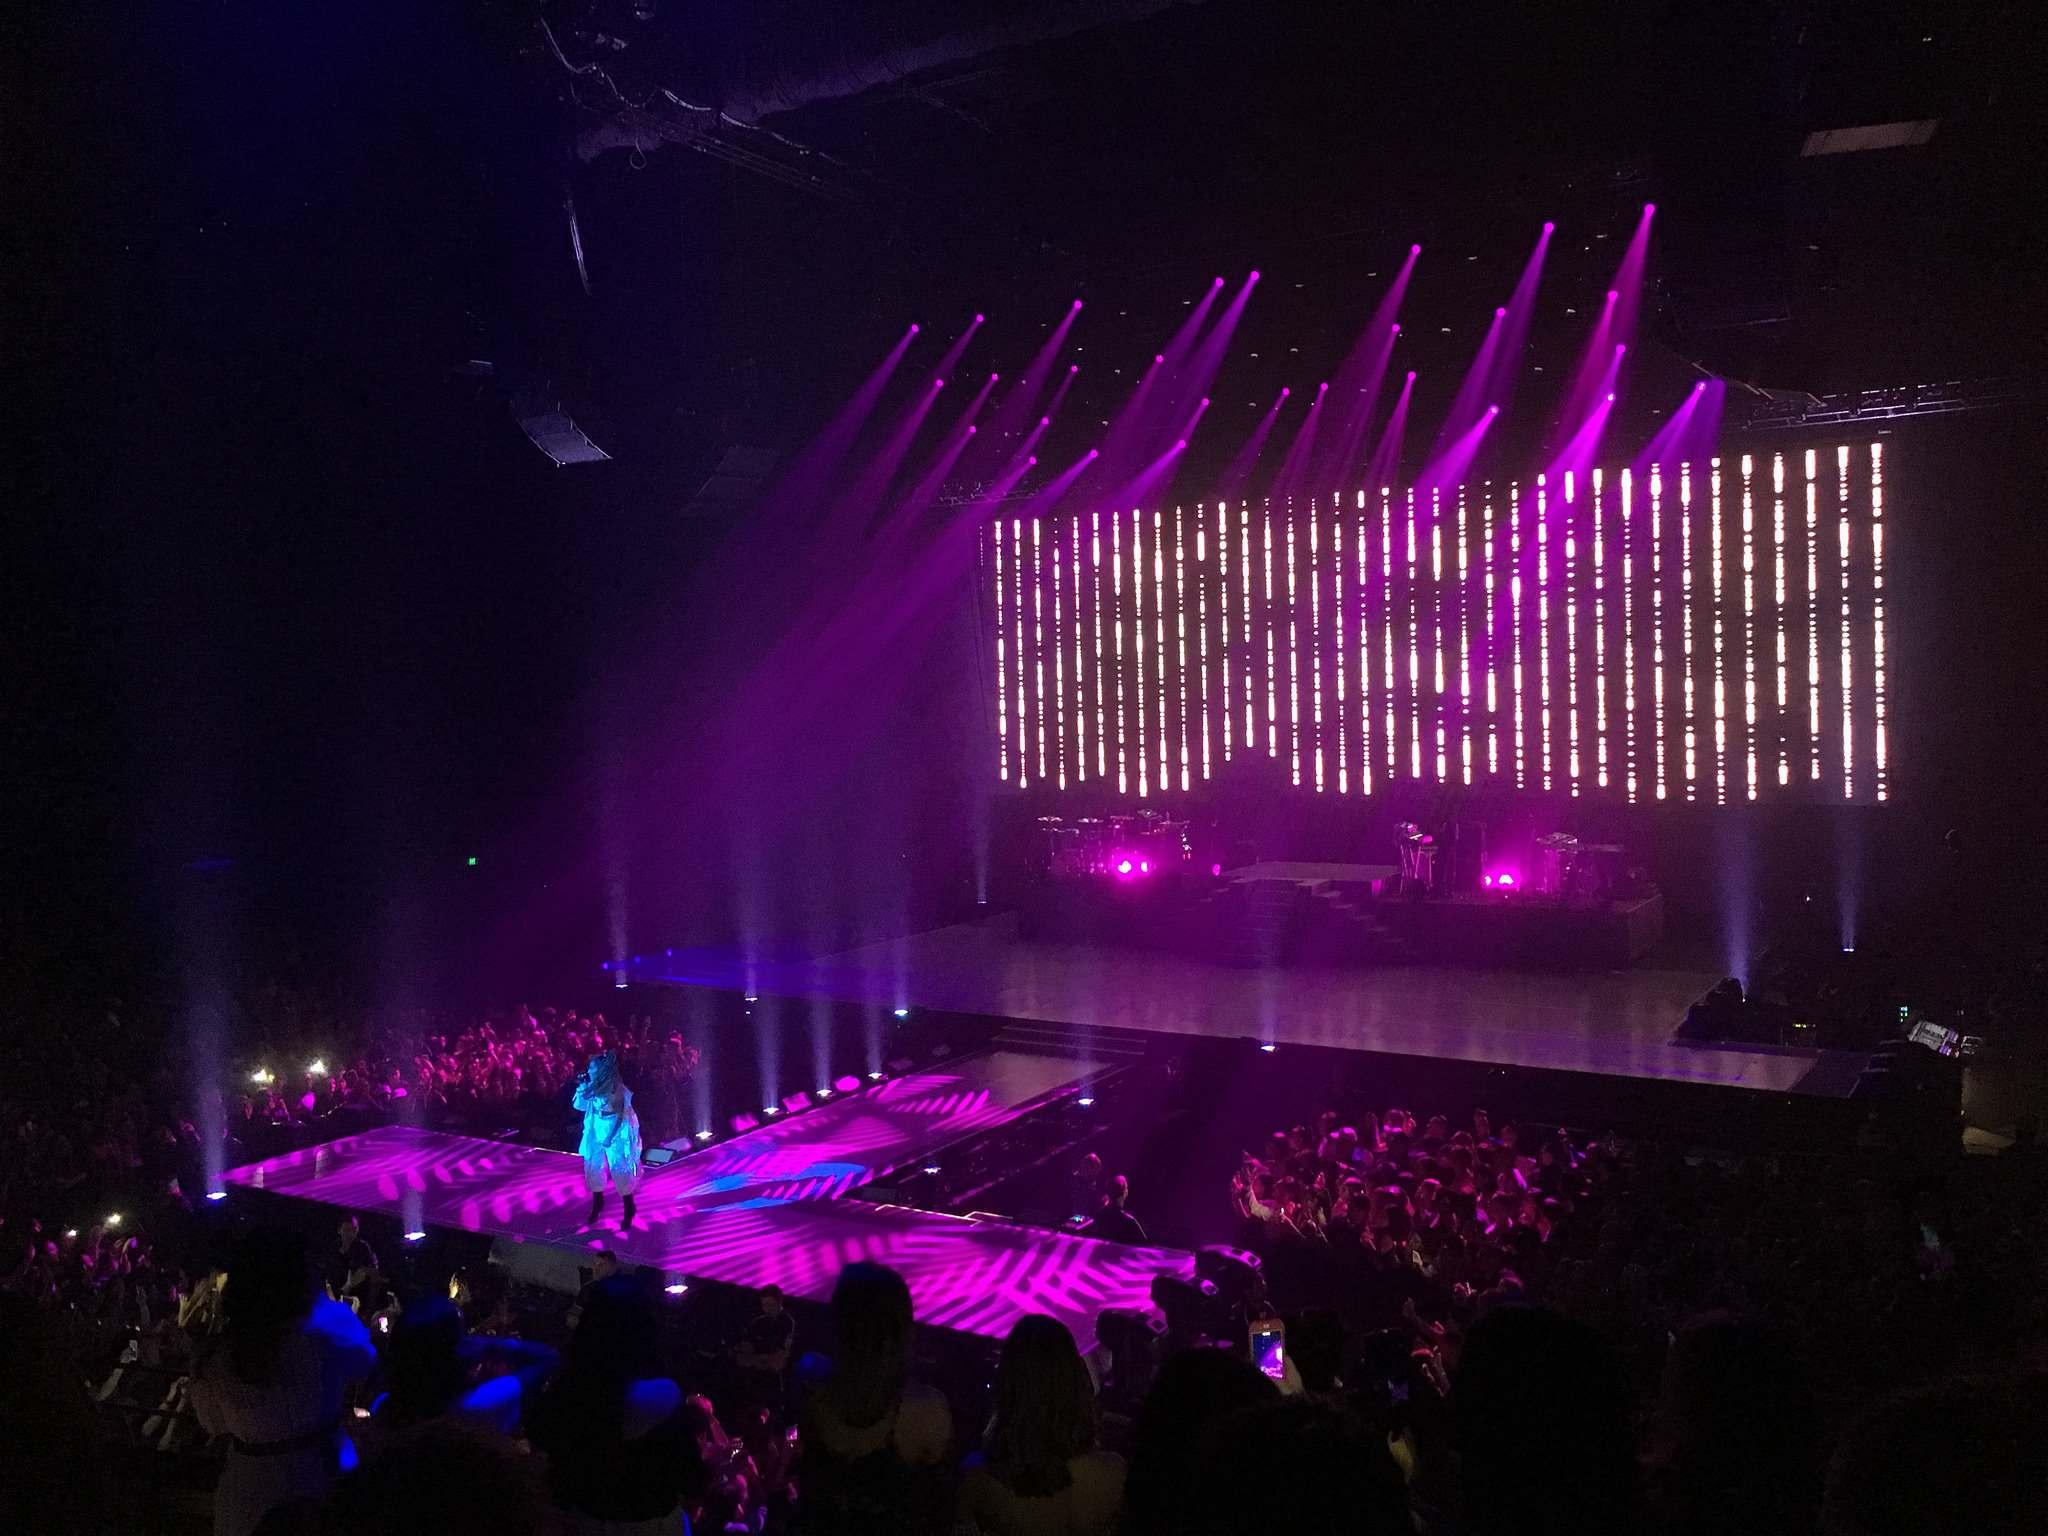 ariana grande6 Ariana Grande   Dangerous Woman Tour in Sydney, Australia